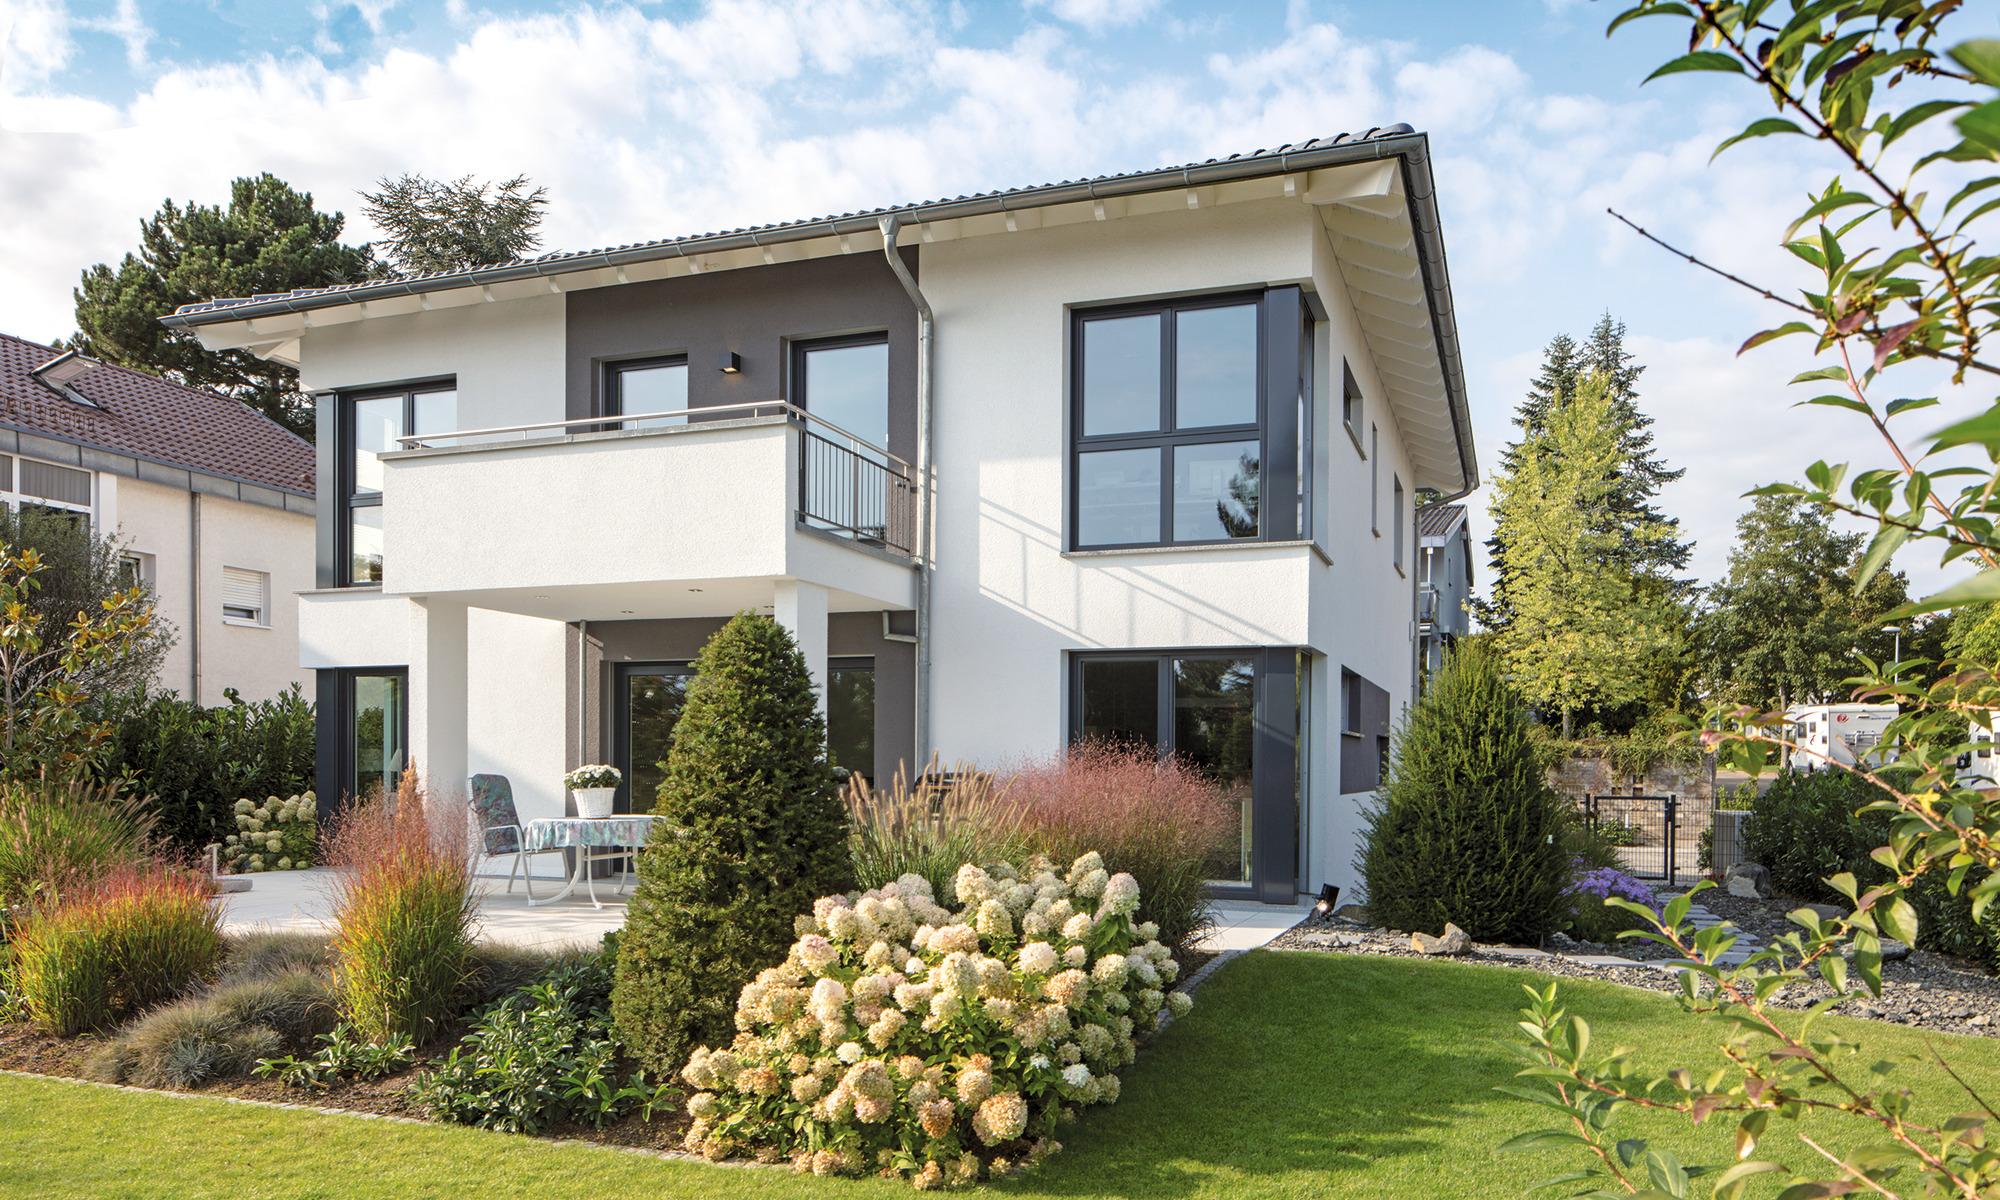 Haus mit Walmdach, Stadthaus mit Gartenanlage